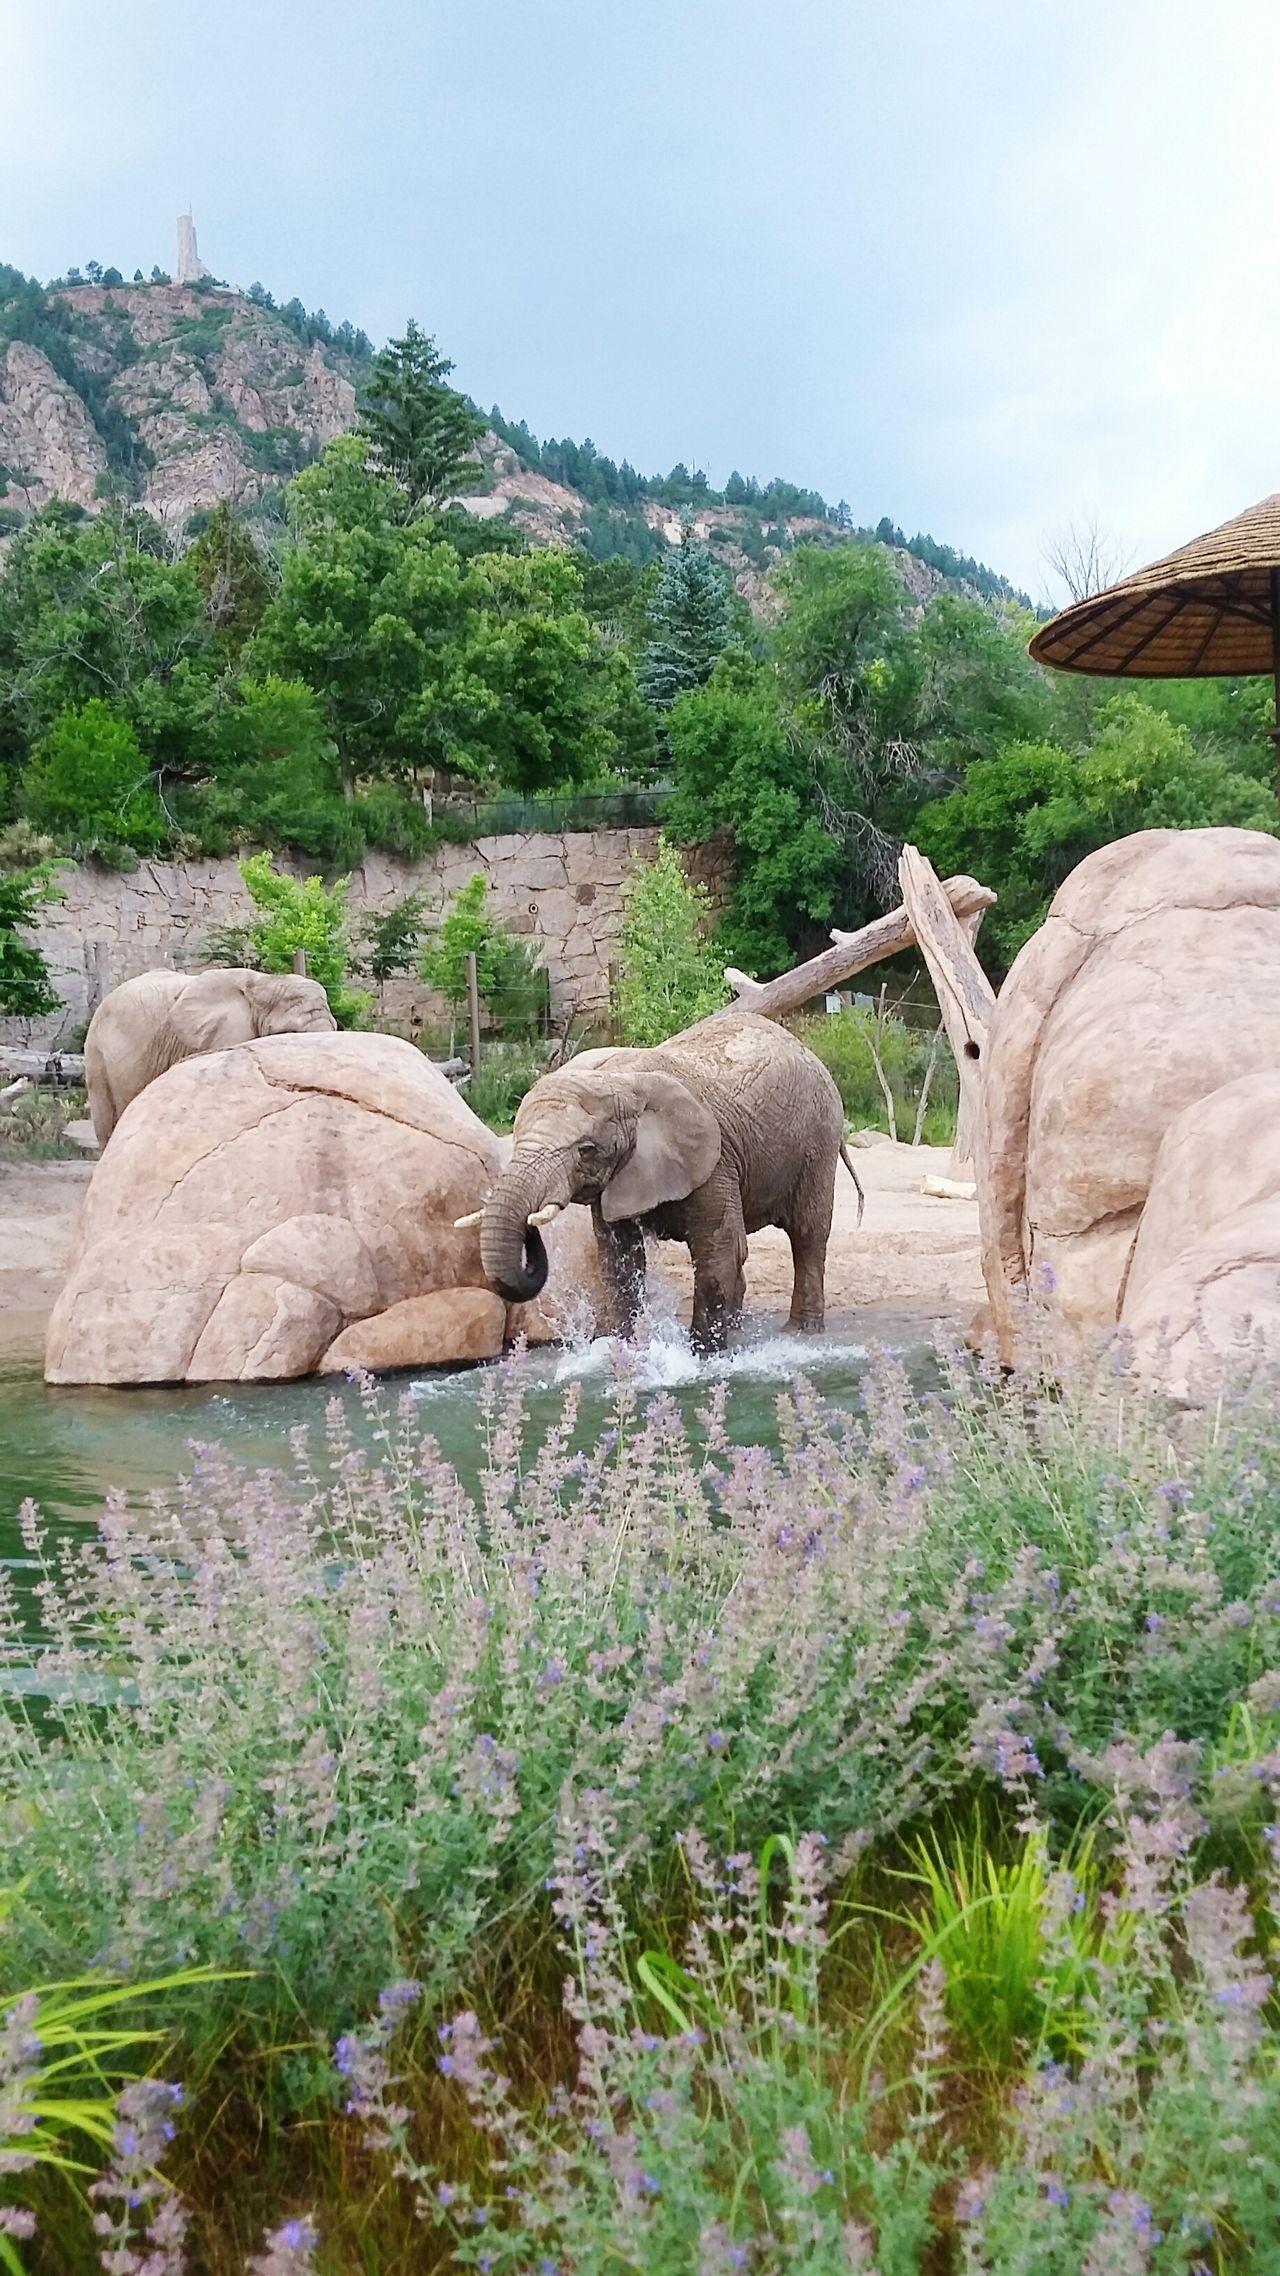 Beautiful stock photos of elefant,  Animal Wildlife,  Animals In Captivity,  Day,  Elephant